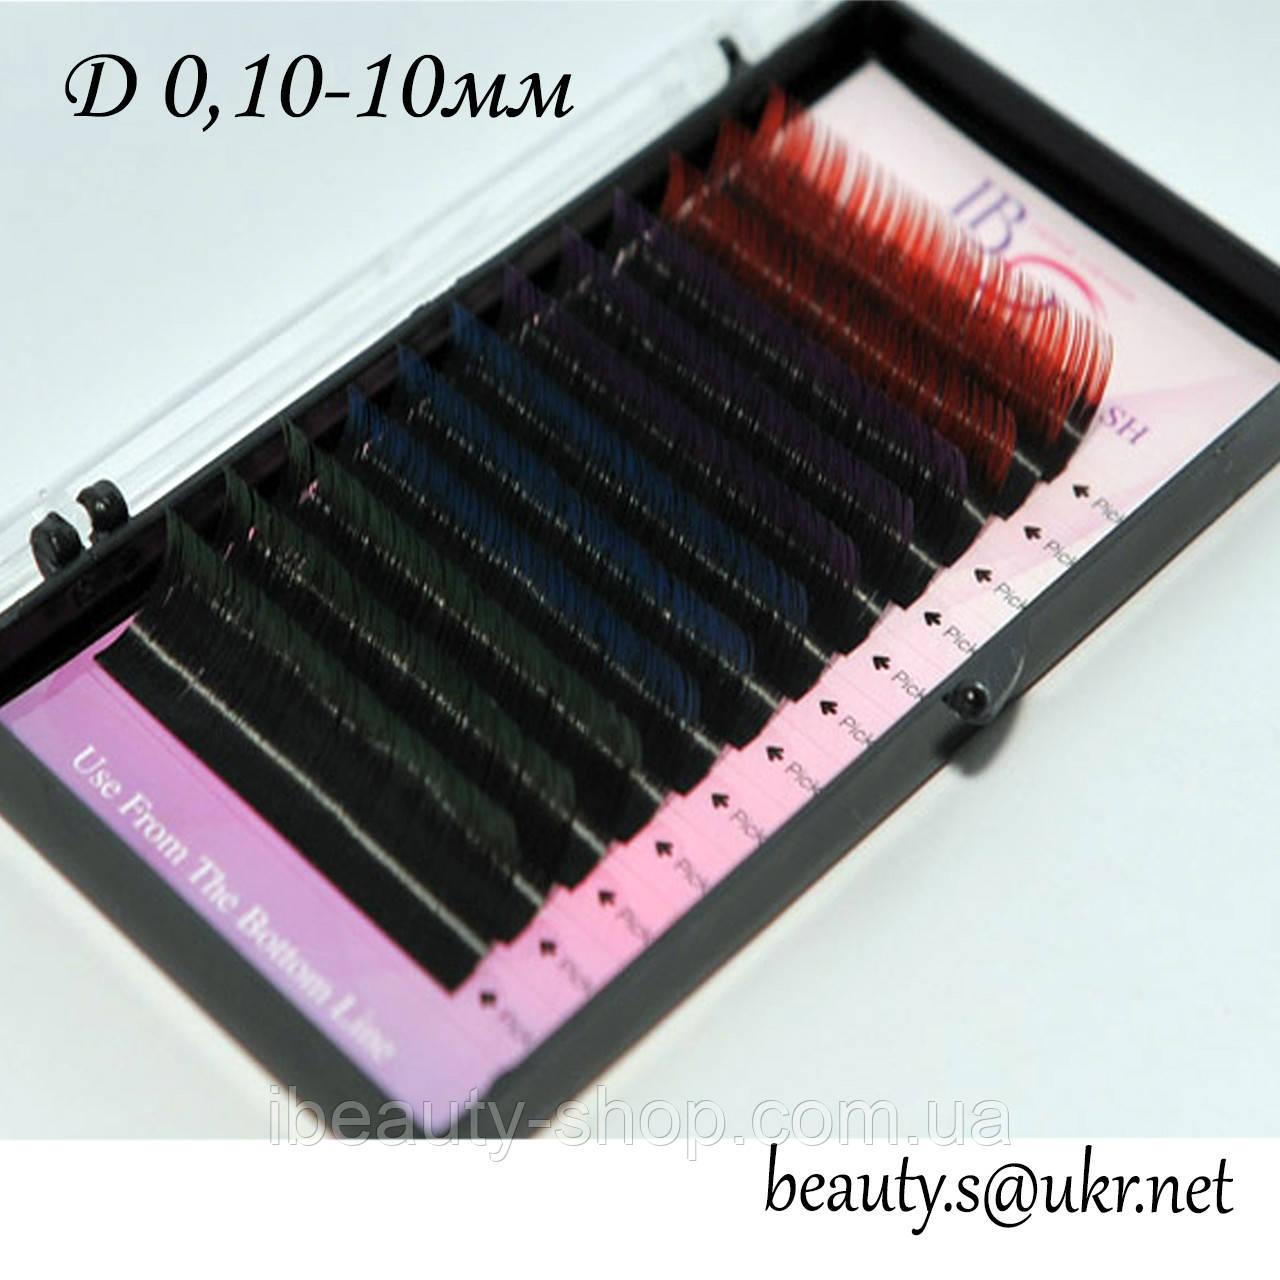 Ресницы I-Beauty, Д 0,10-10мм,цветные концы,4 цвета